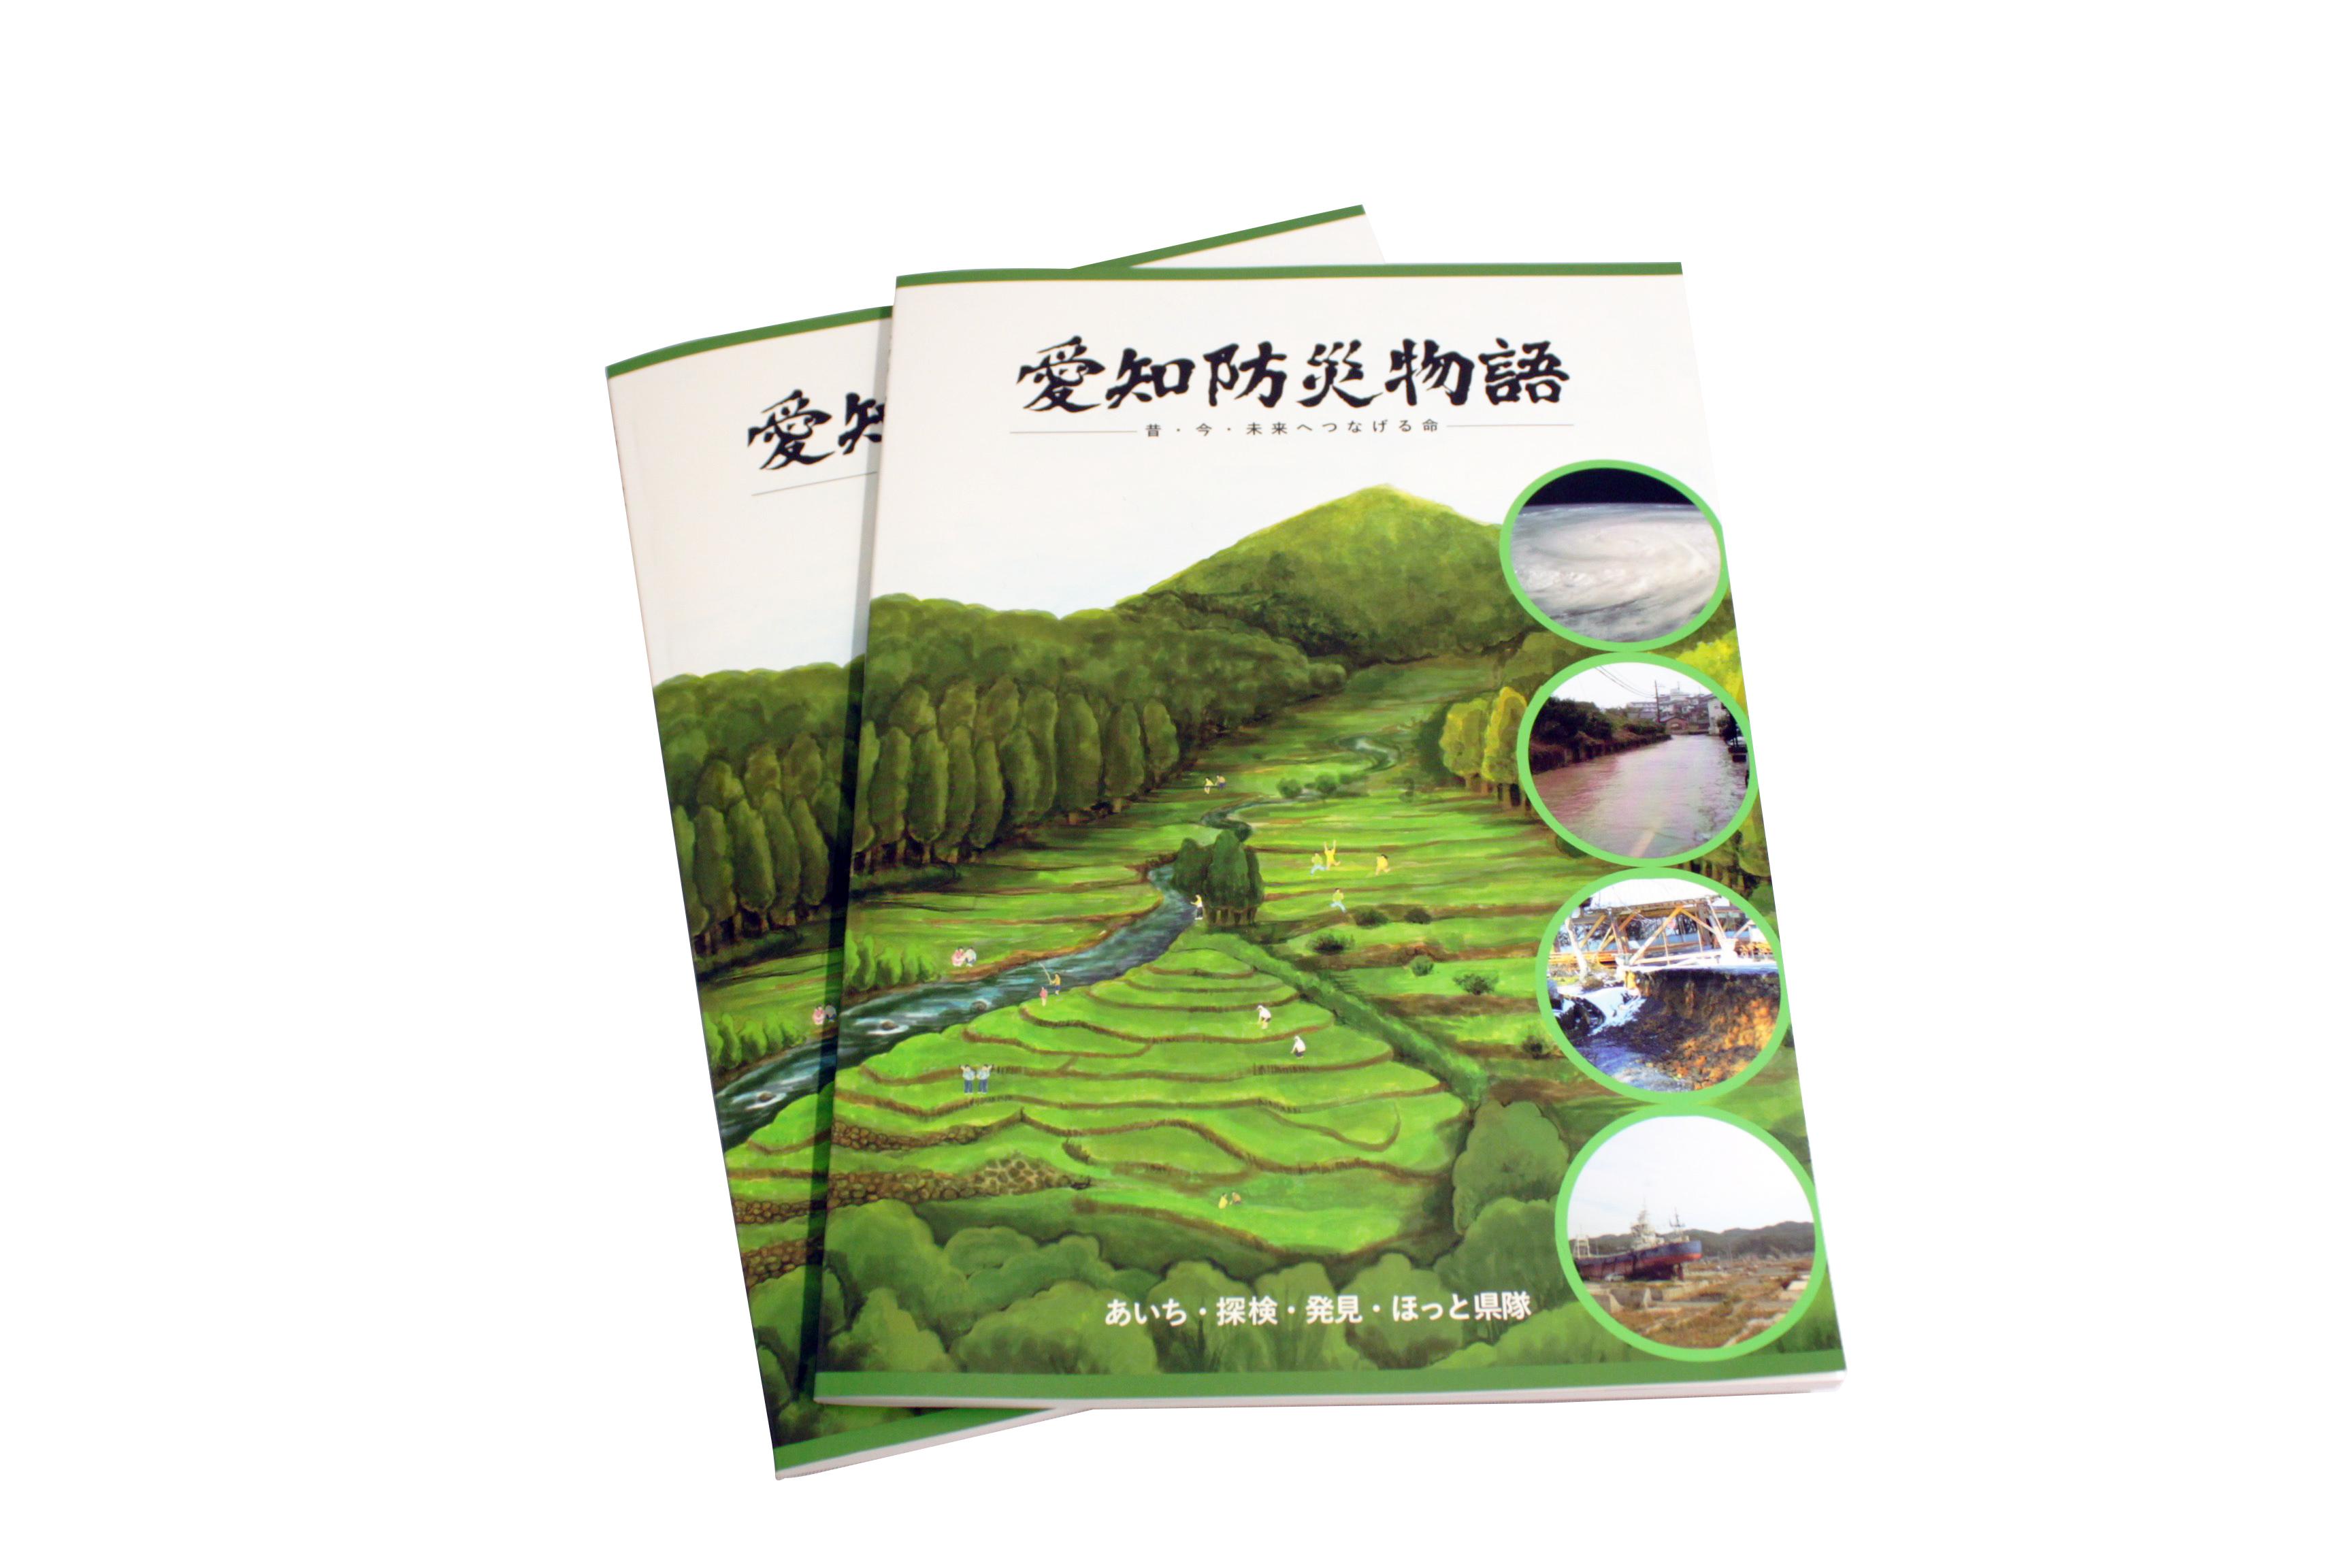 愛知防災物語  防災副読本